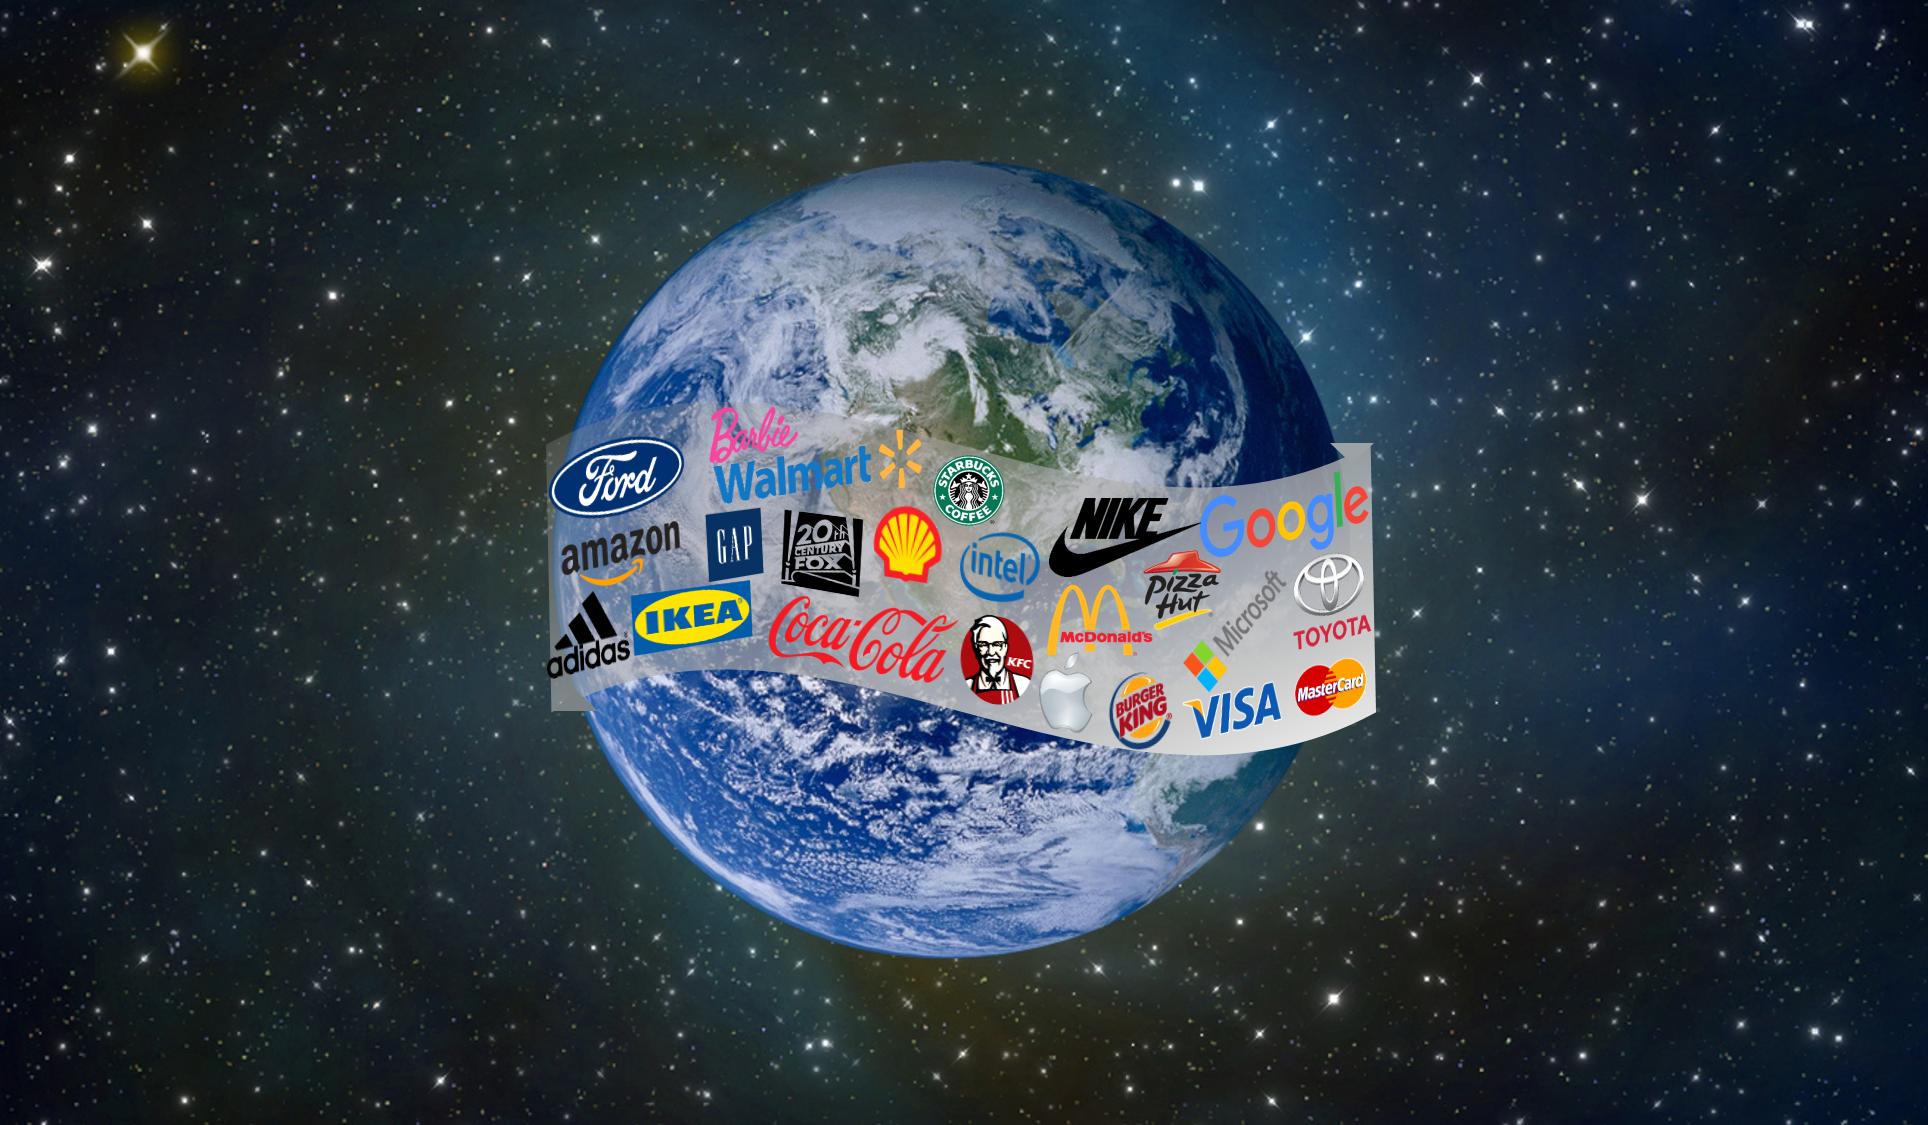 Brands Make the World Go 'Round